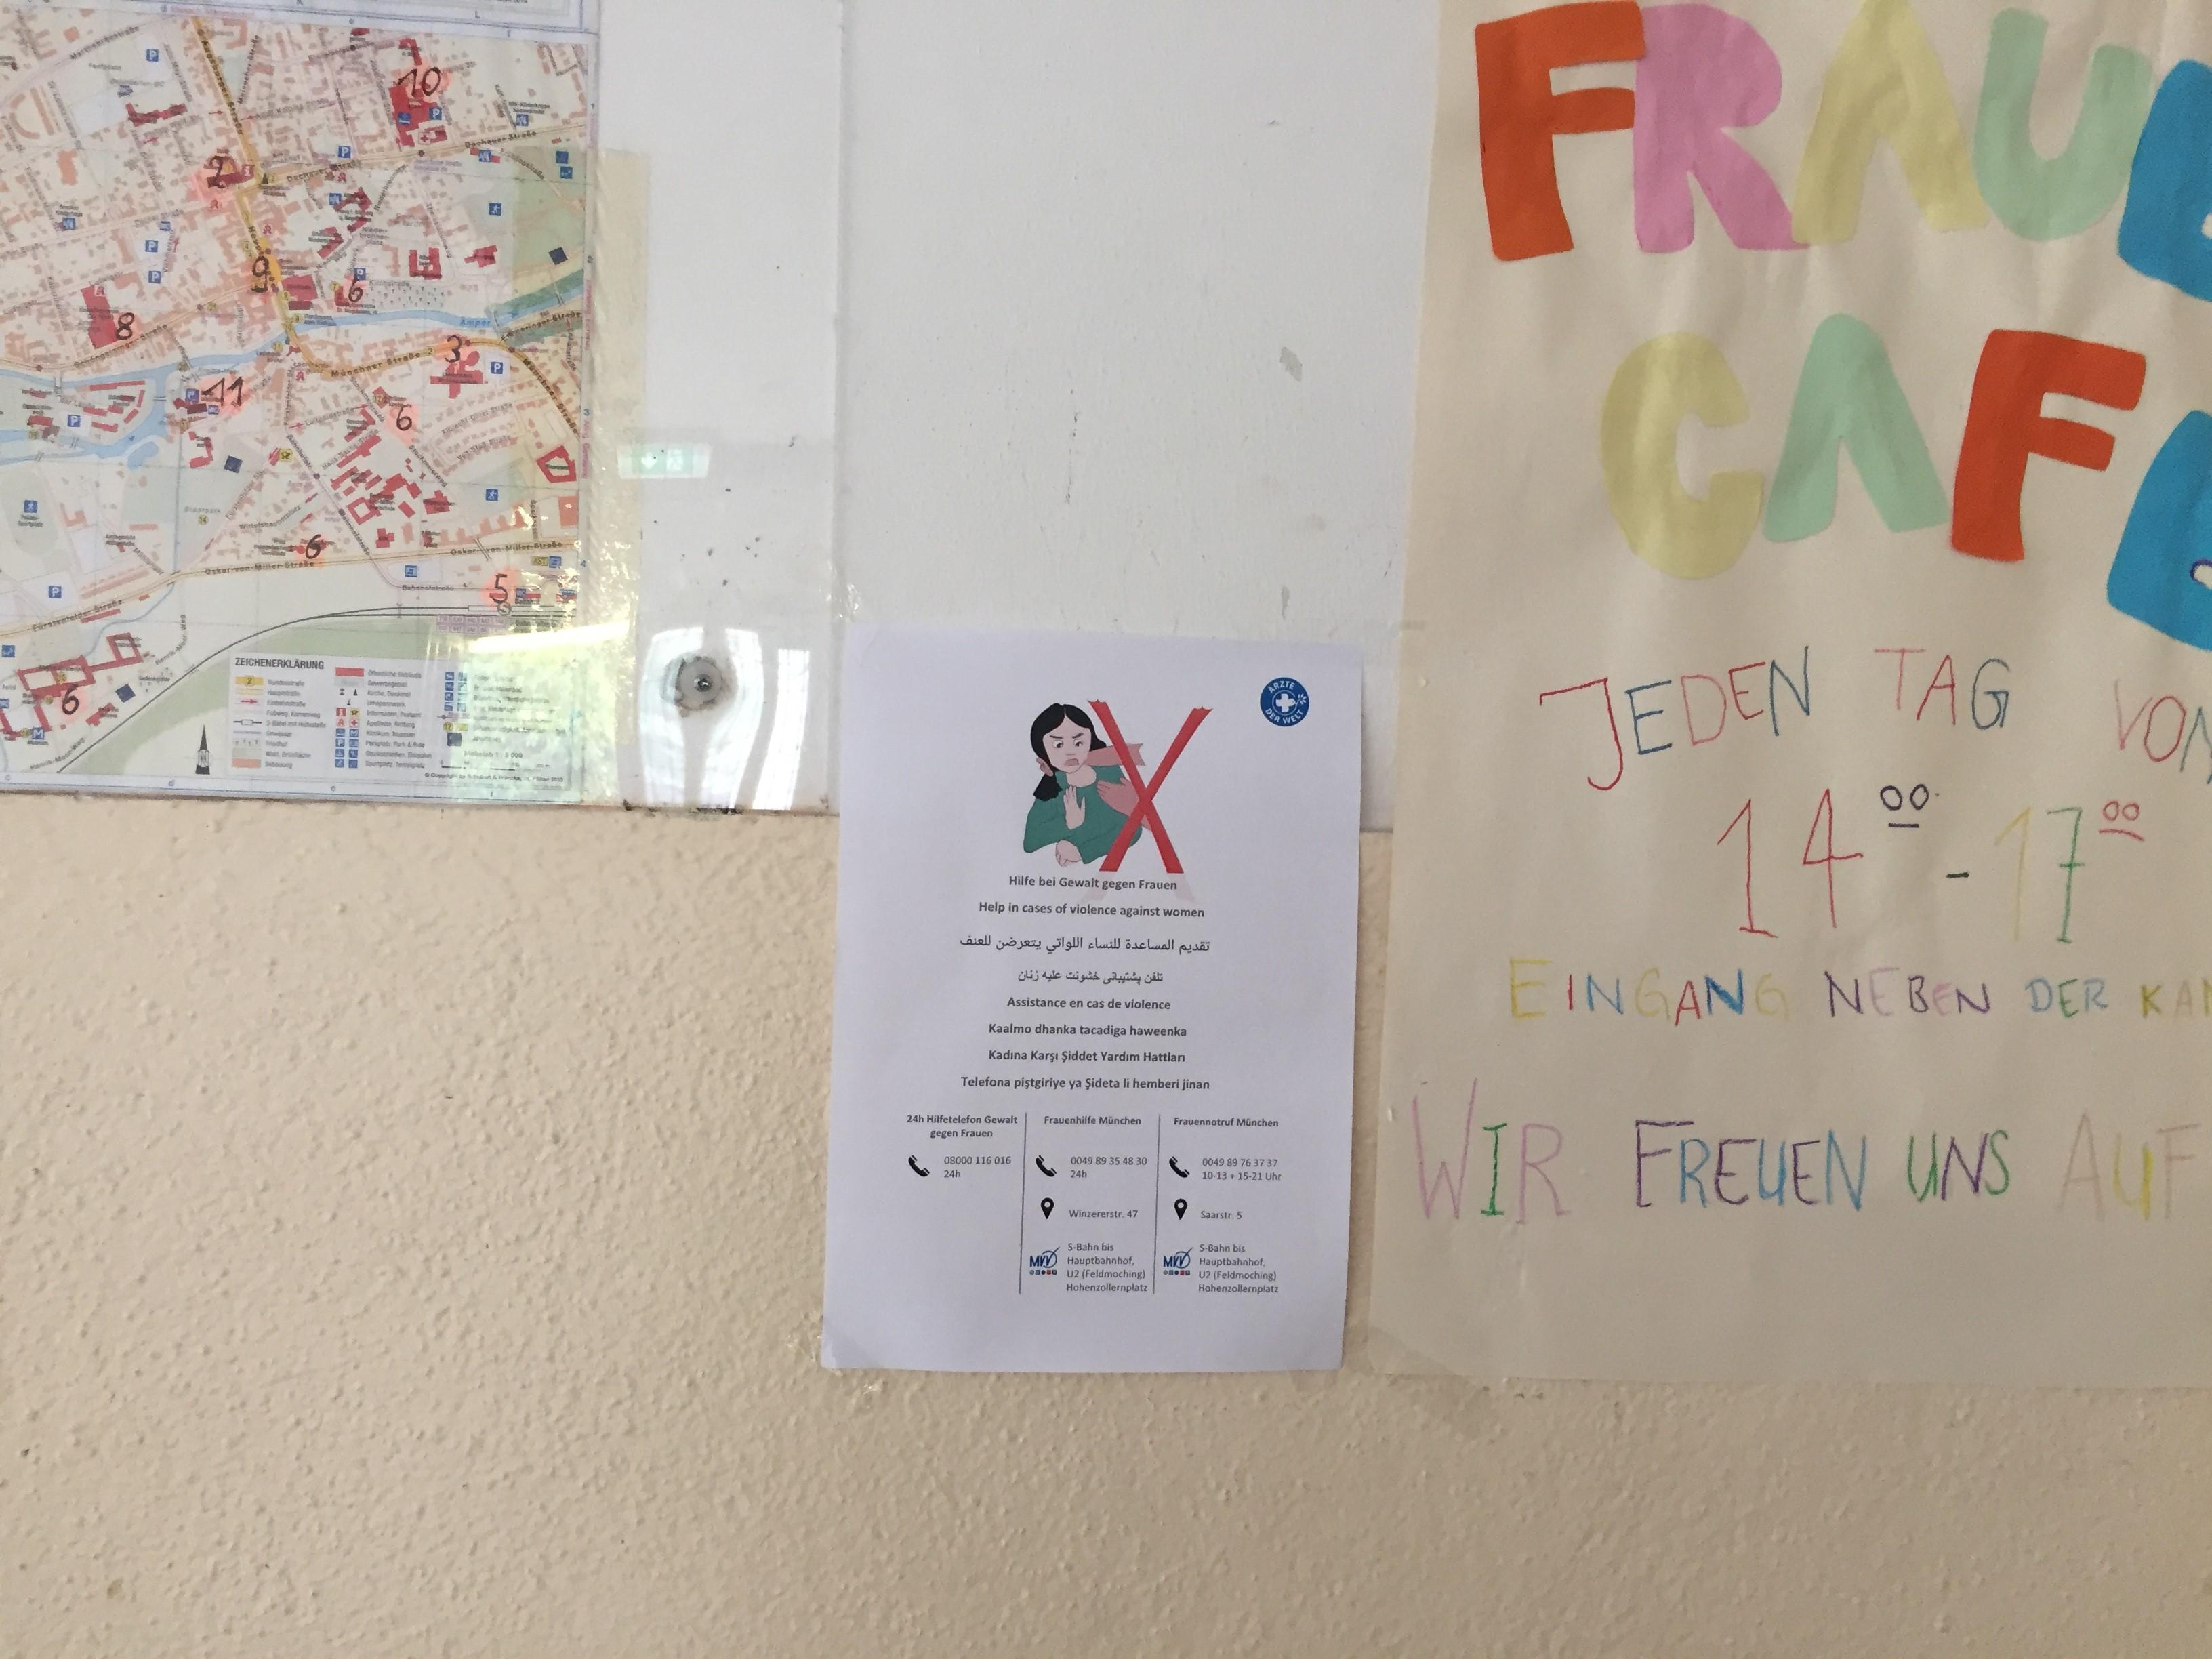 Aushang in einer Flüchtlingsunterkunft